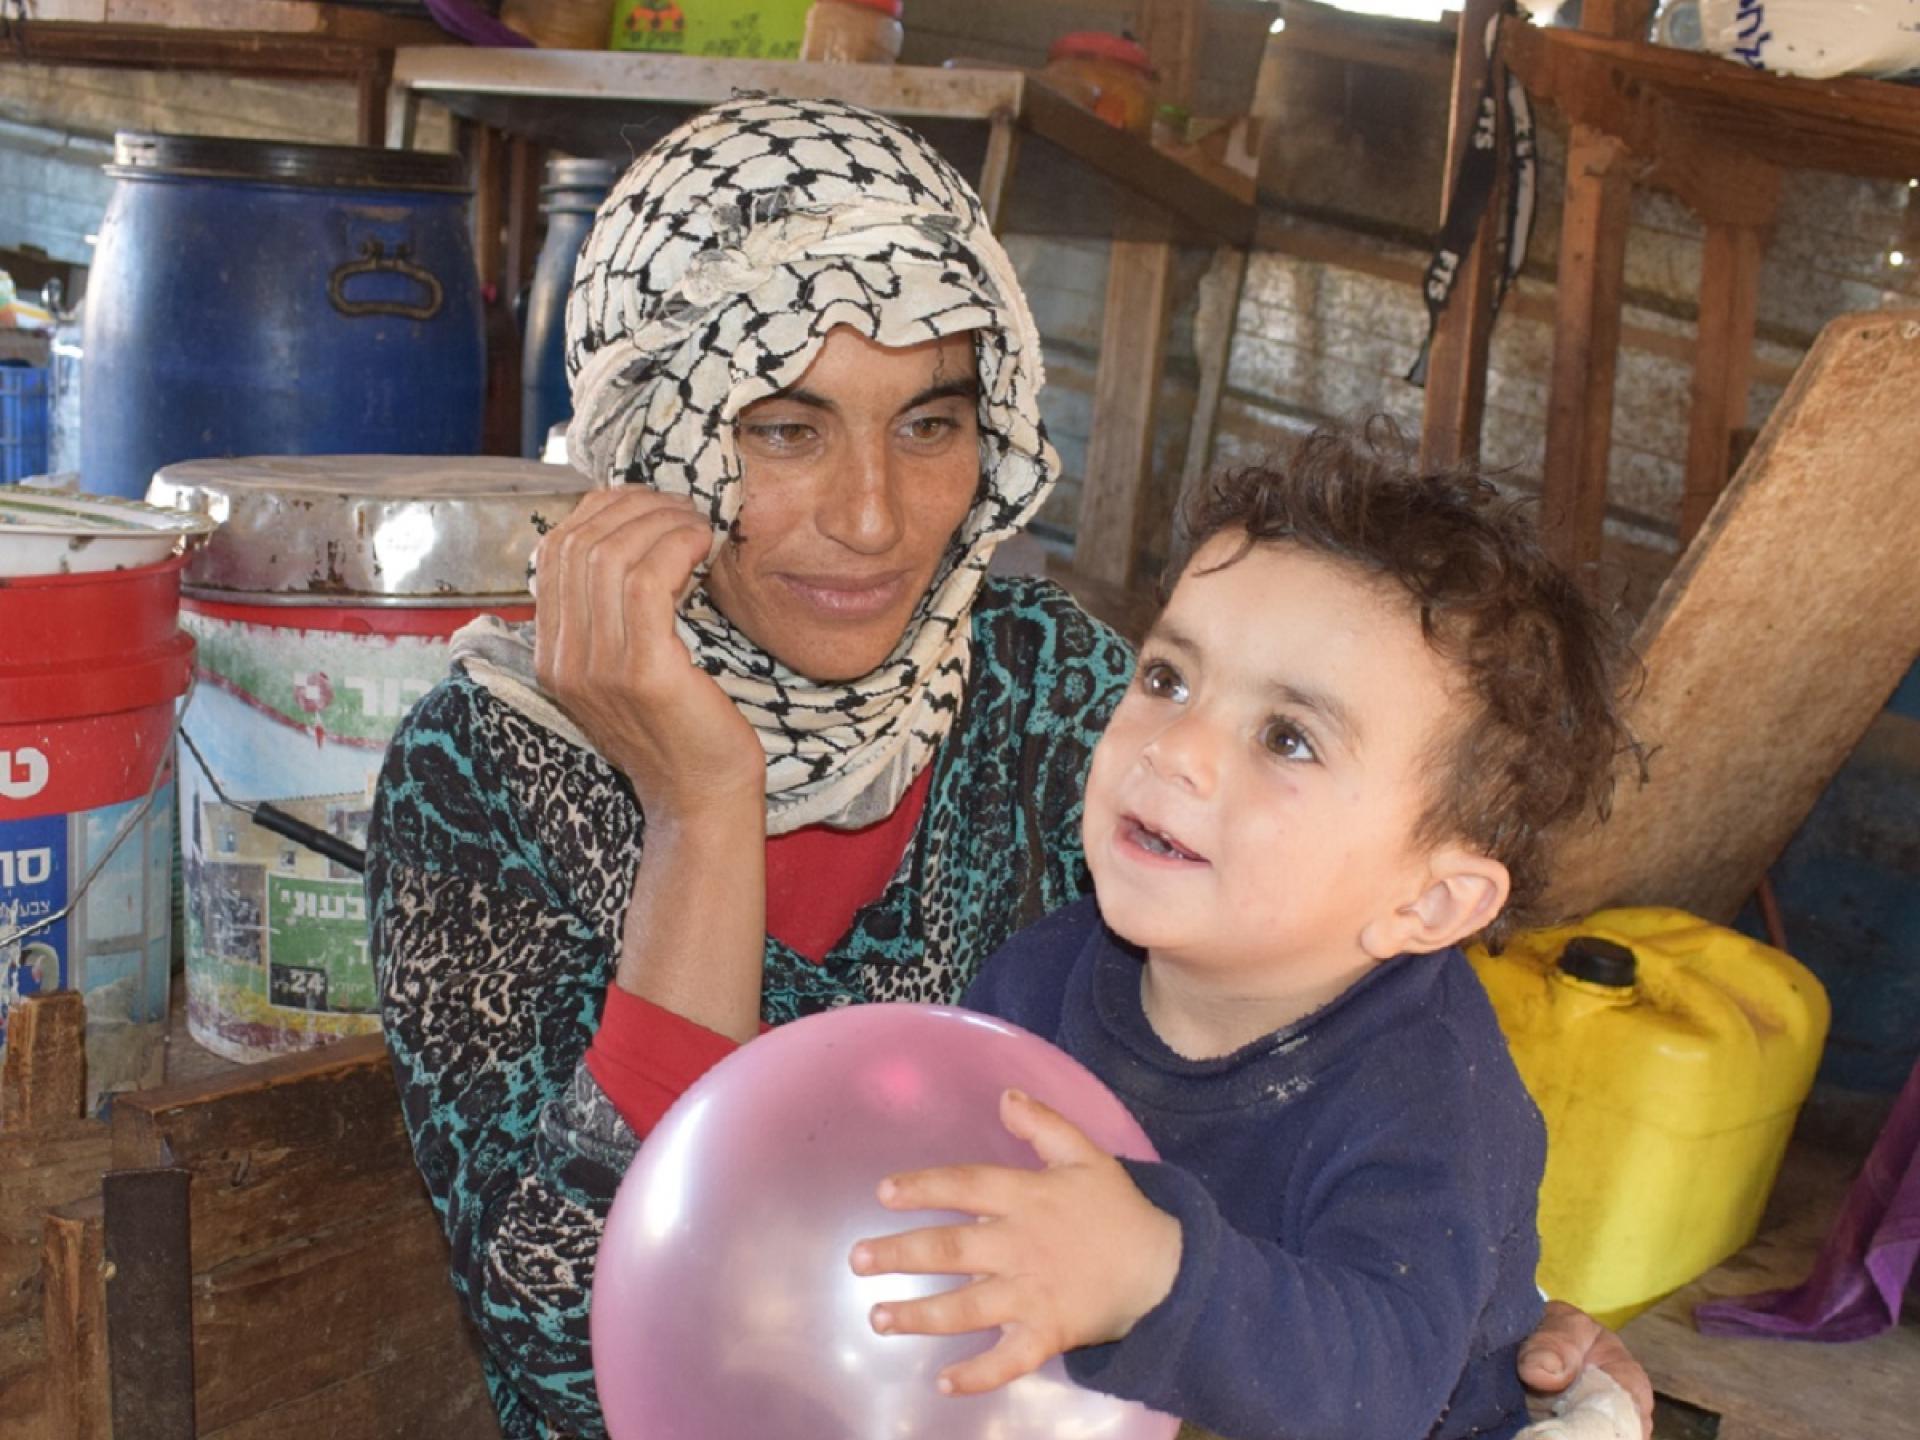 ח'רבת מקחול: נאג'יה בשאראת וחסאן בן השנה וחצי